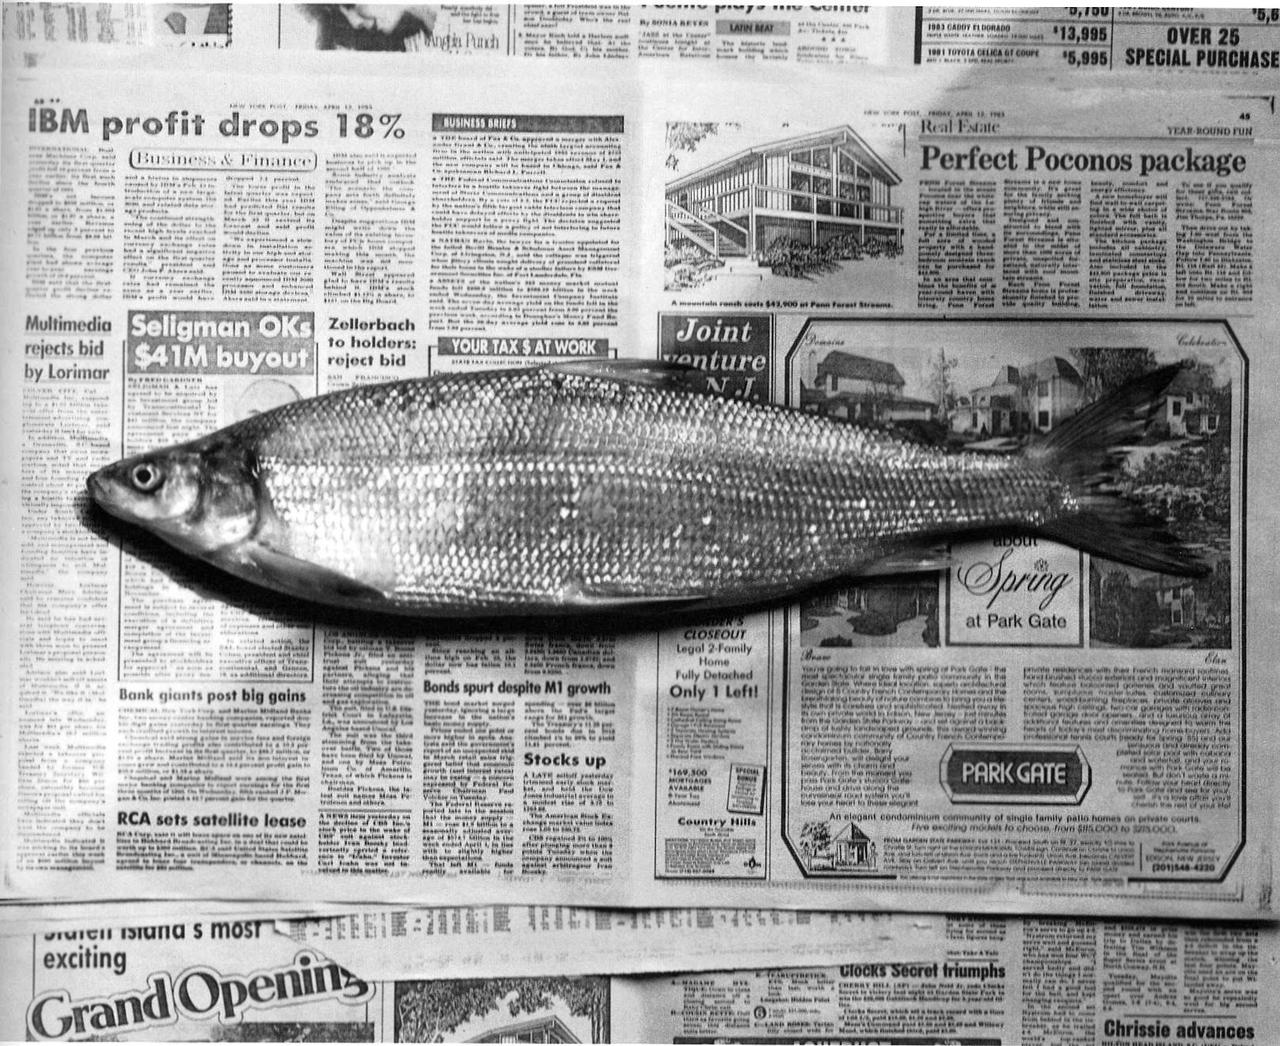 mapplethorpe_fish.jpg